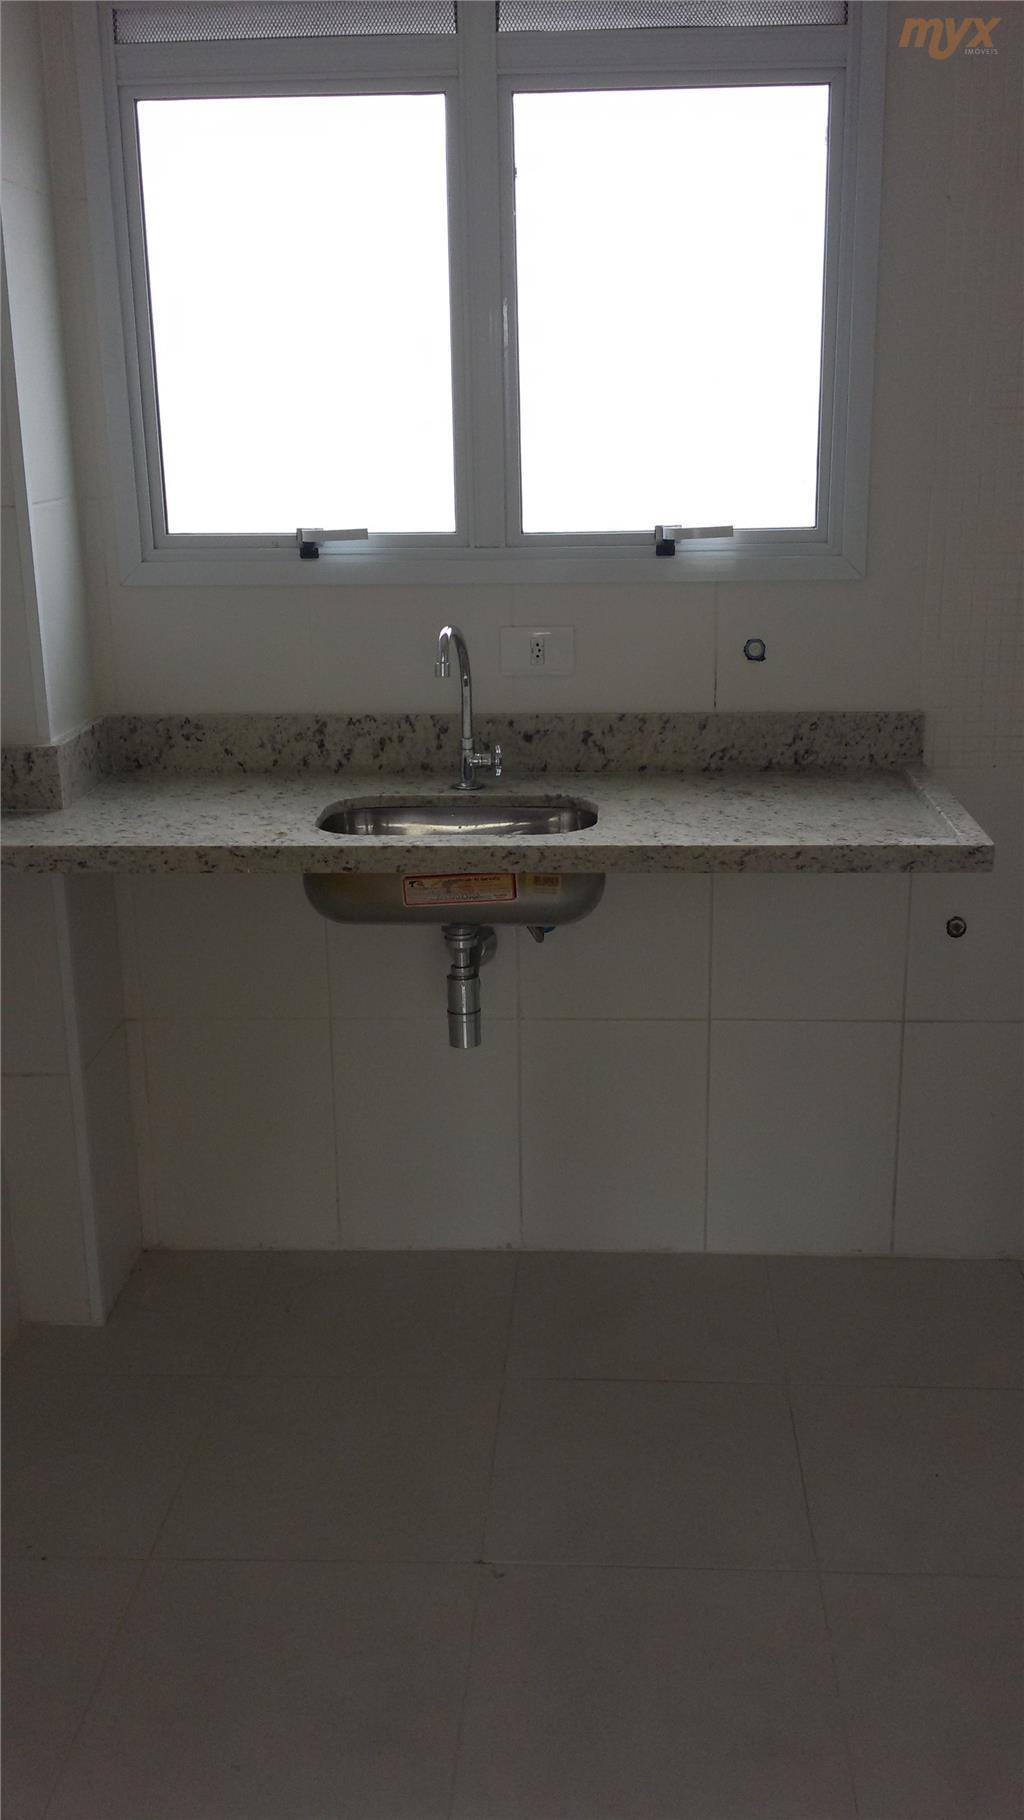 02 dormitórios, 01 suite, ampla varanda, wc de empregada, 01 vaga demarcada, lazer completo. prédio novo....